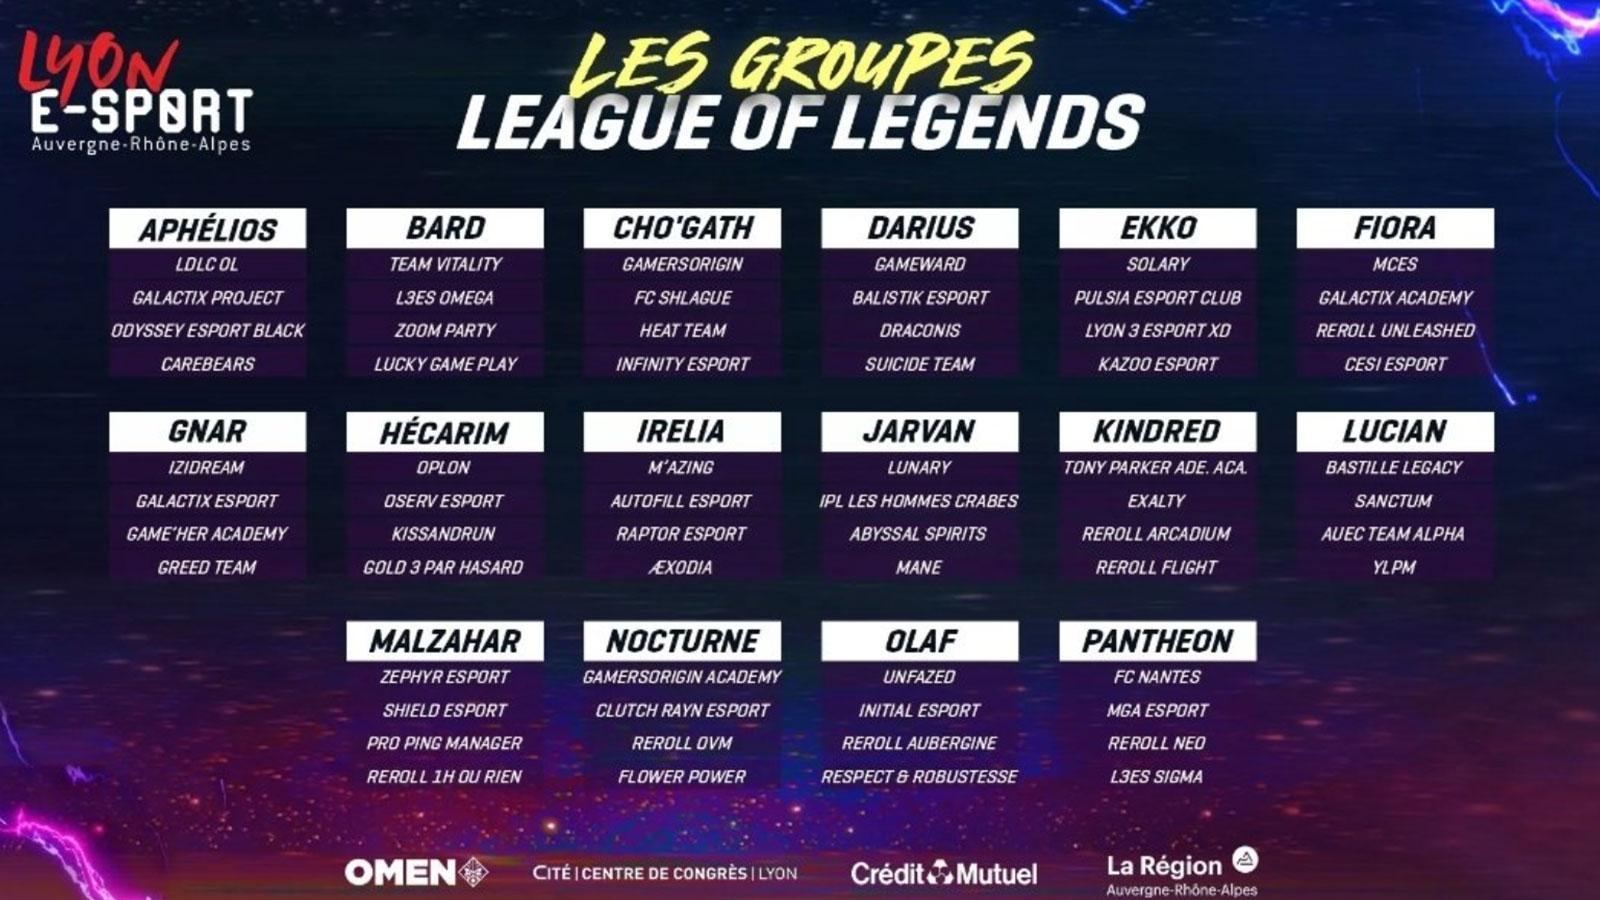 Le groupe dans lequel les MANE vont évoluer à la Lyon e-Sport est connu